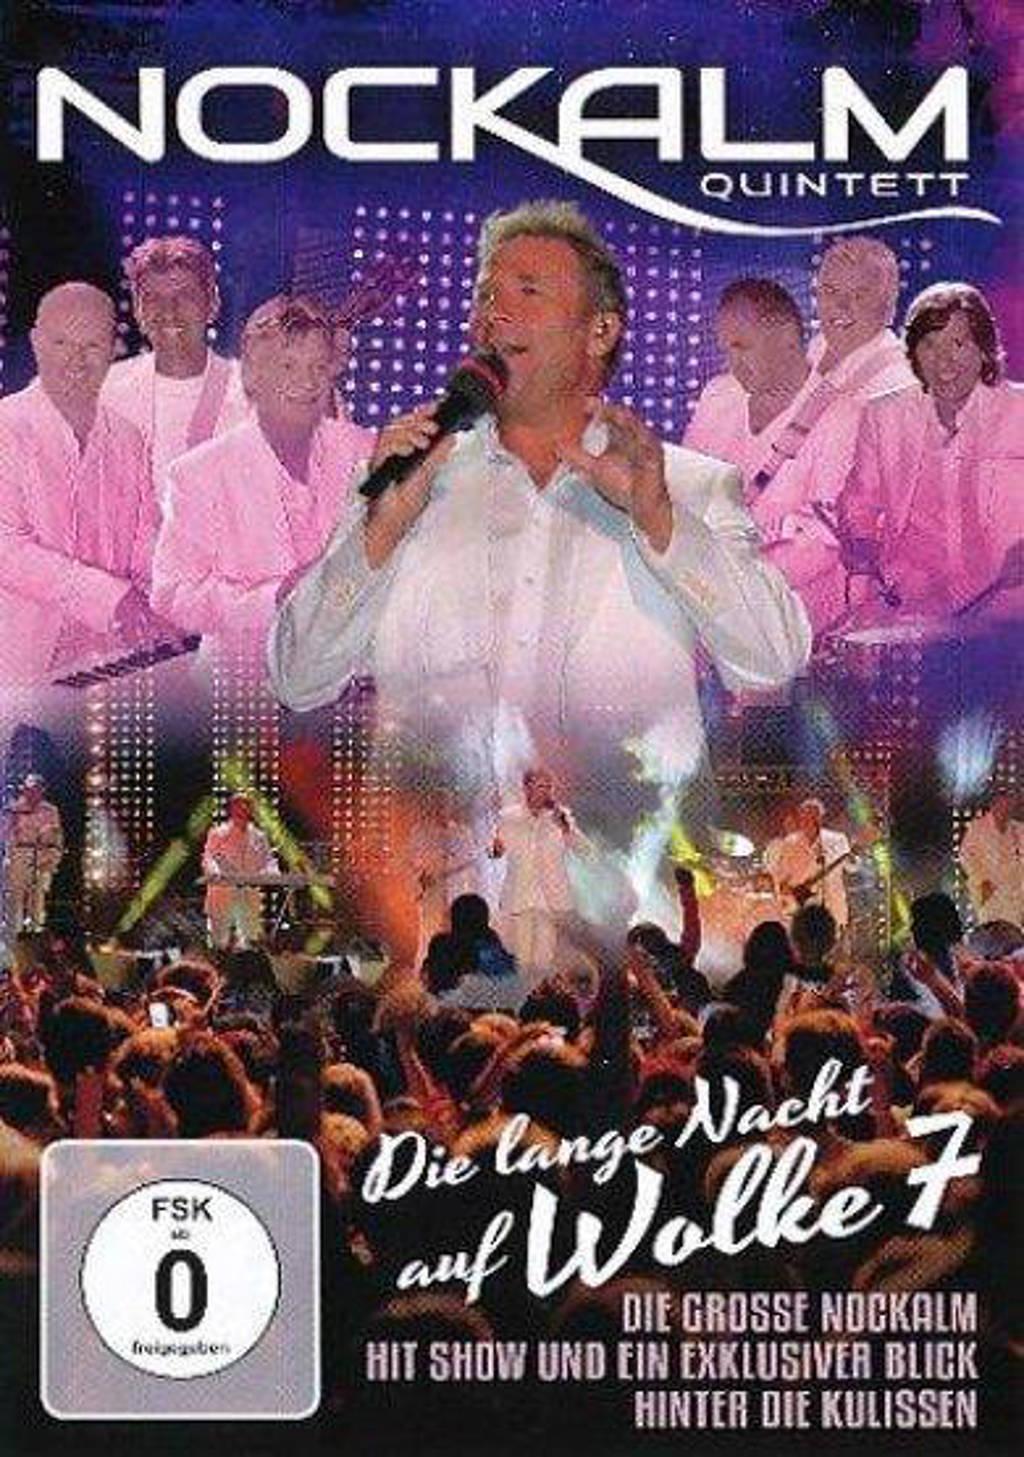 Nockalm Quintett - Wahnsinnsflug - Das Konzert (DVD)